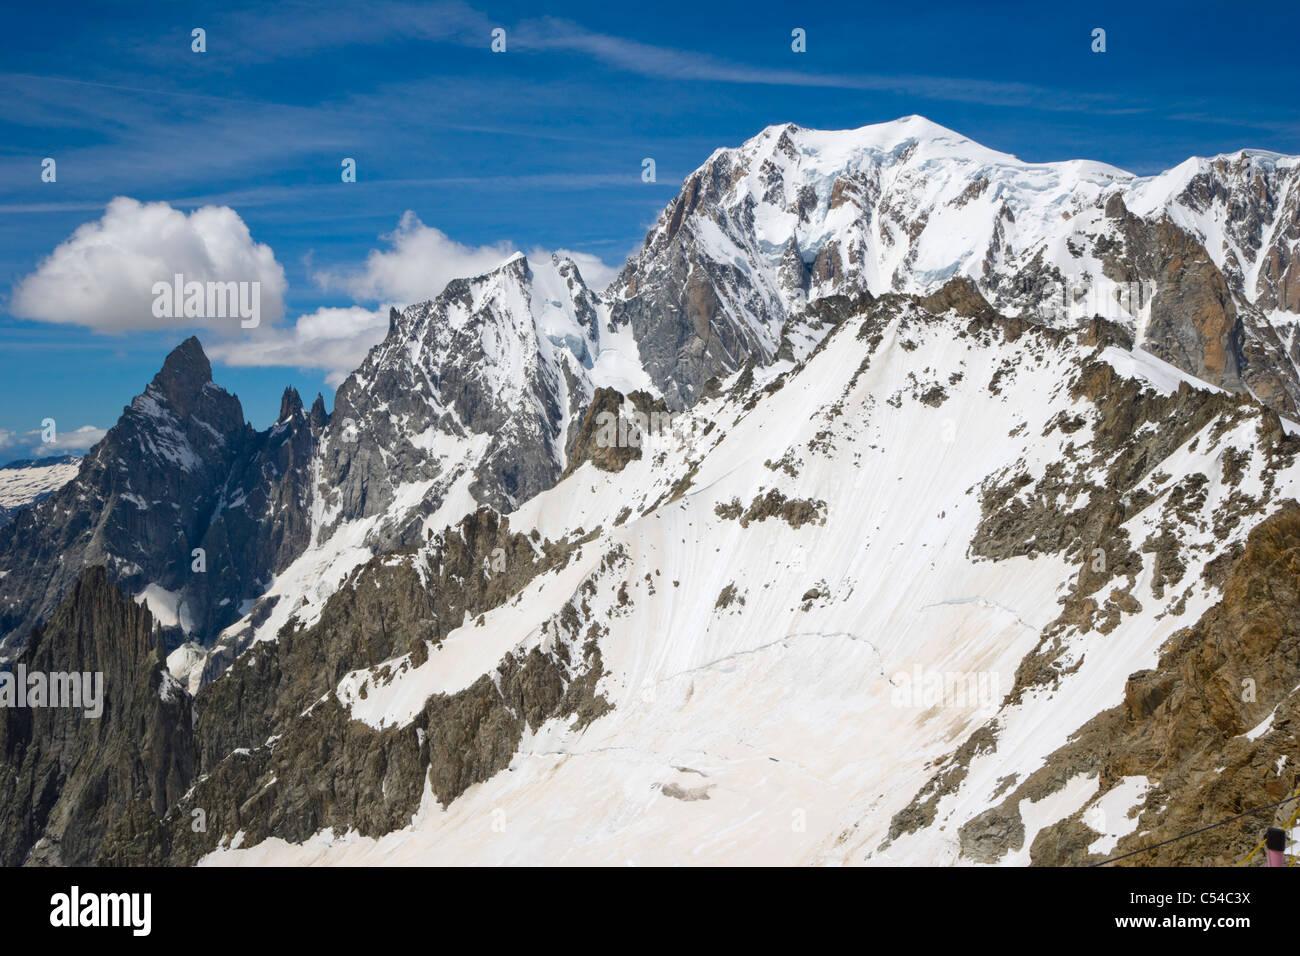 Aiguille Blanche de Peuterey, Mont Blanc, Mont Blanc de Courmayeur summits, Italy, Mont Blanc Massif, Alps Stock Photo